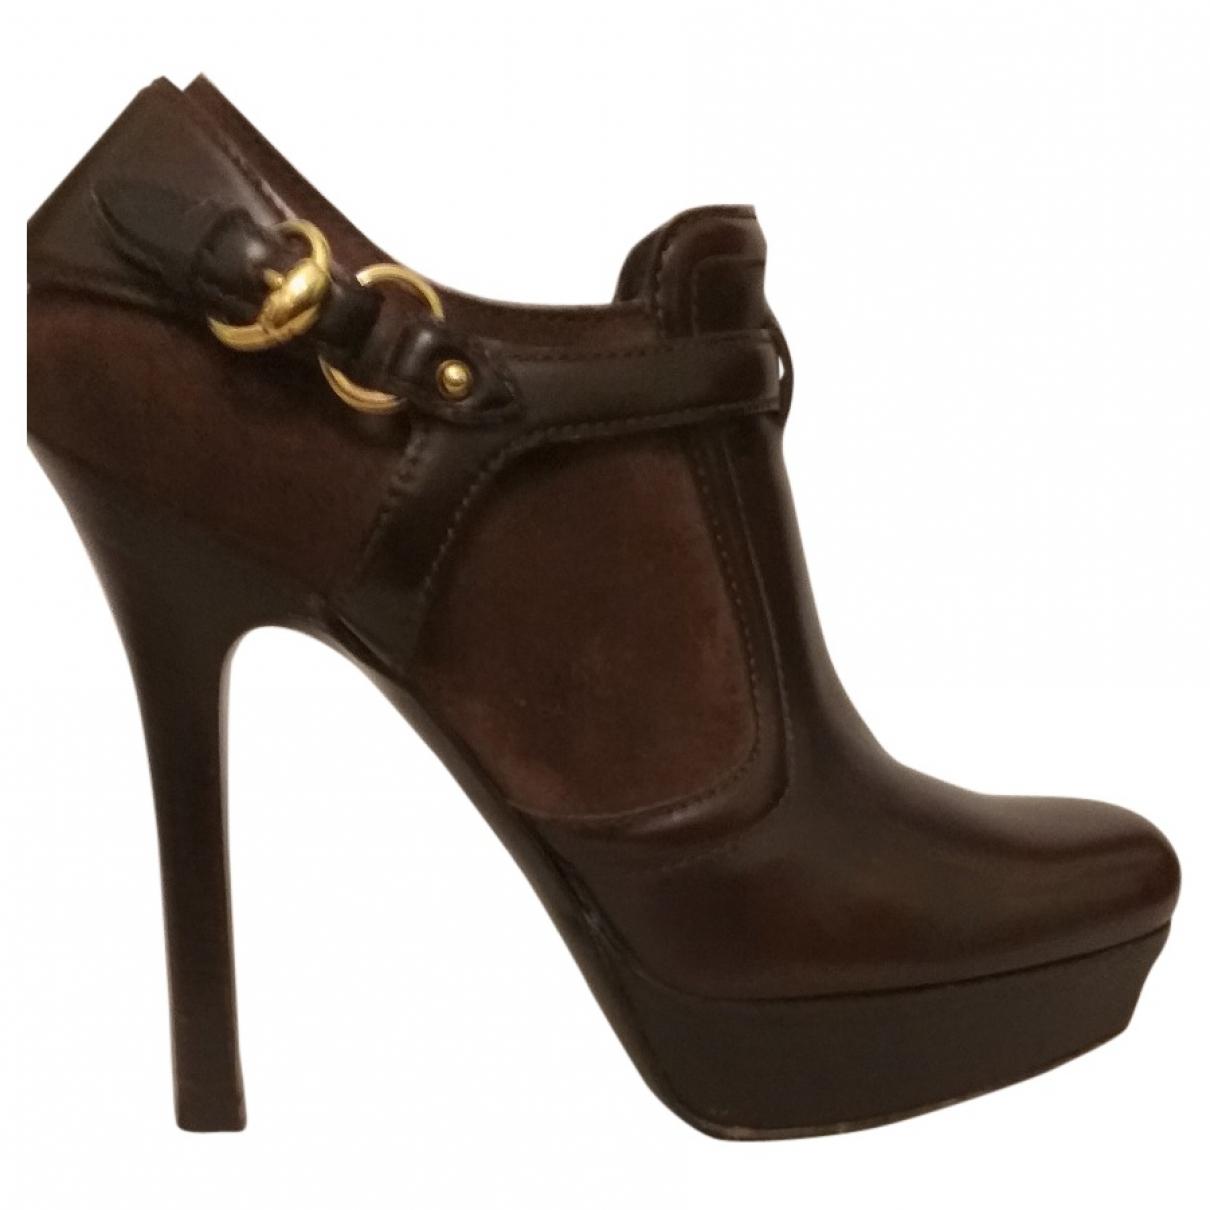 Gucci - Boots   pour femme en cuir - marron